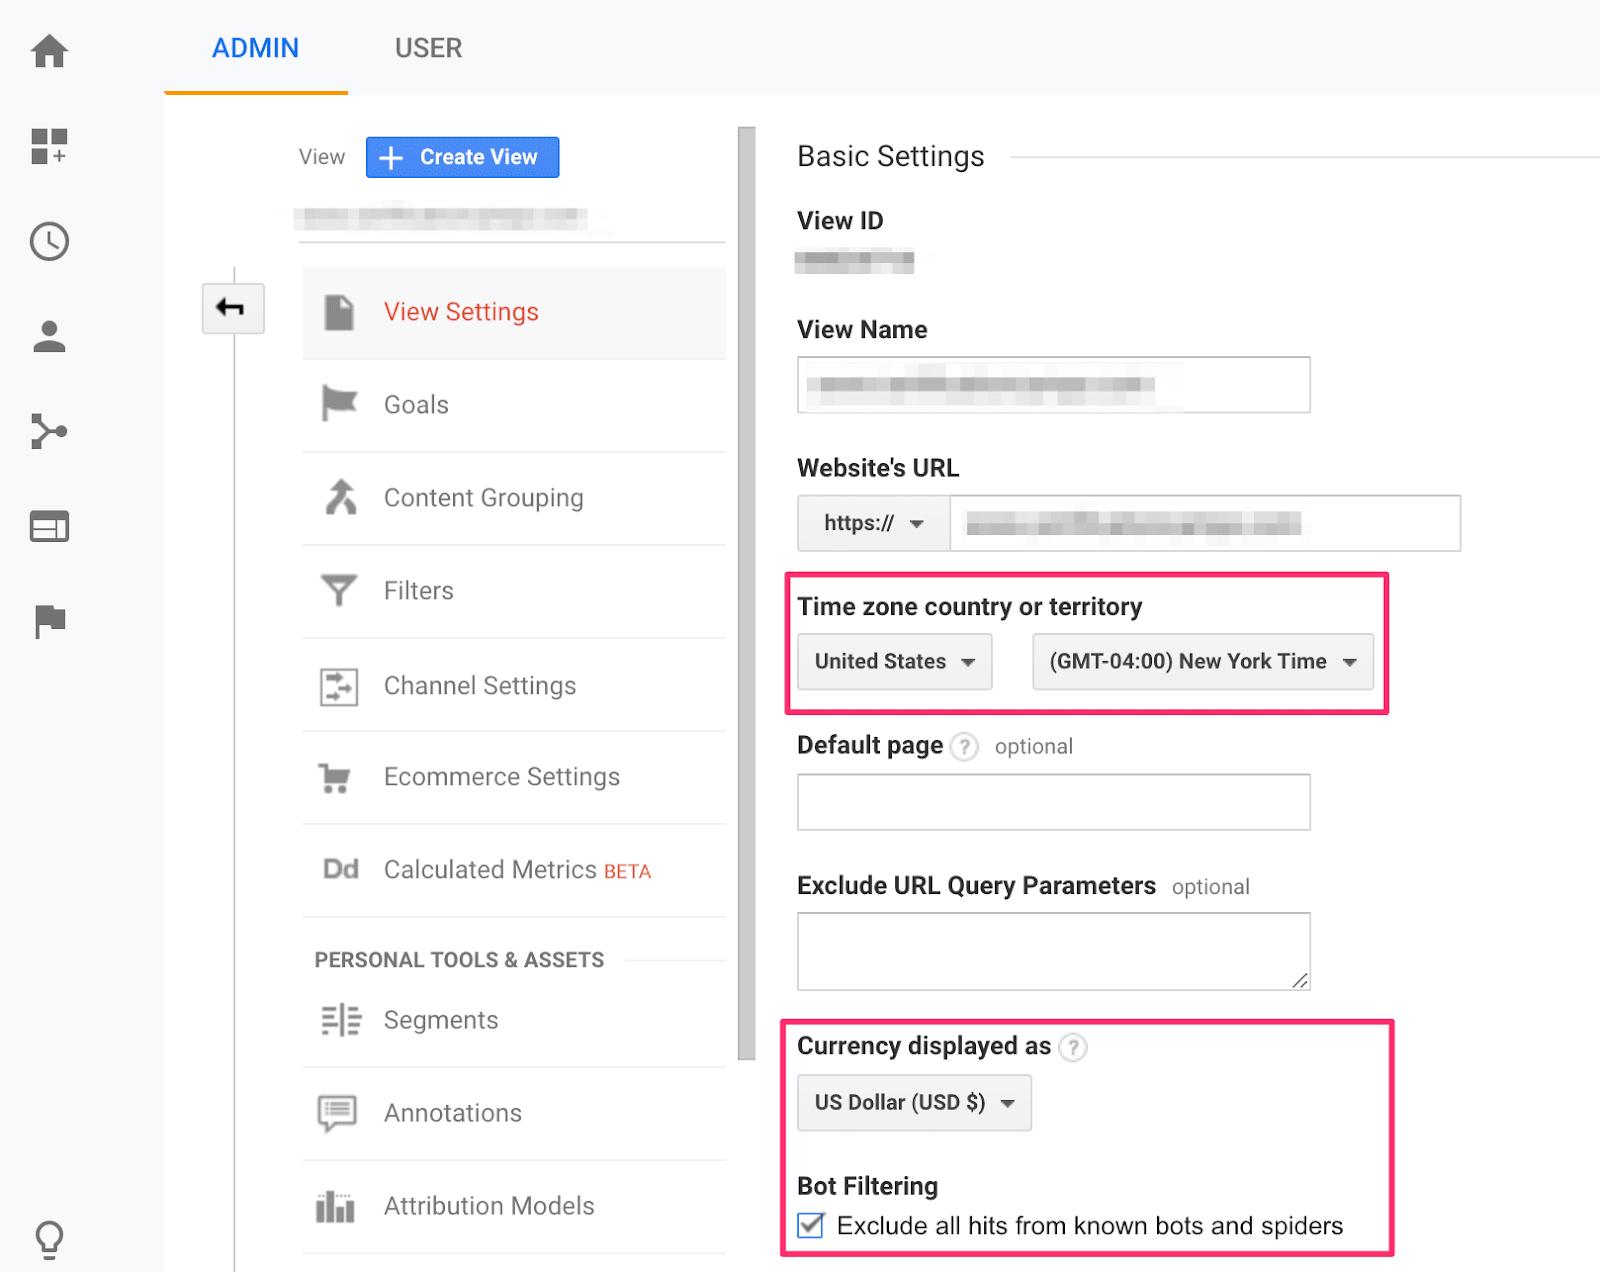 การตั้งค่าพื้นฐานของ Google Analytics